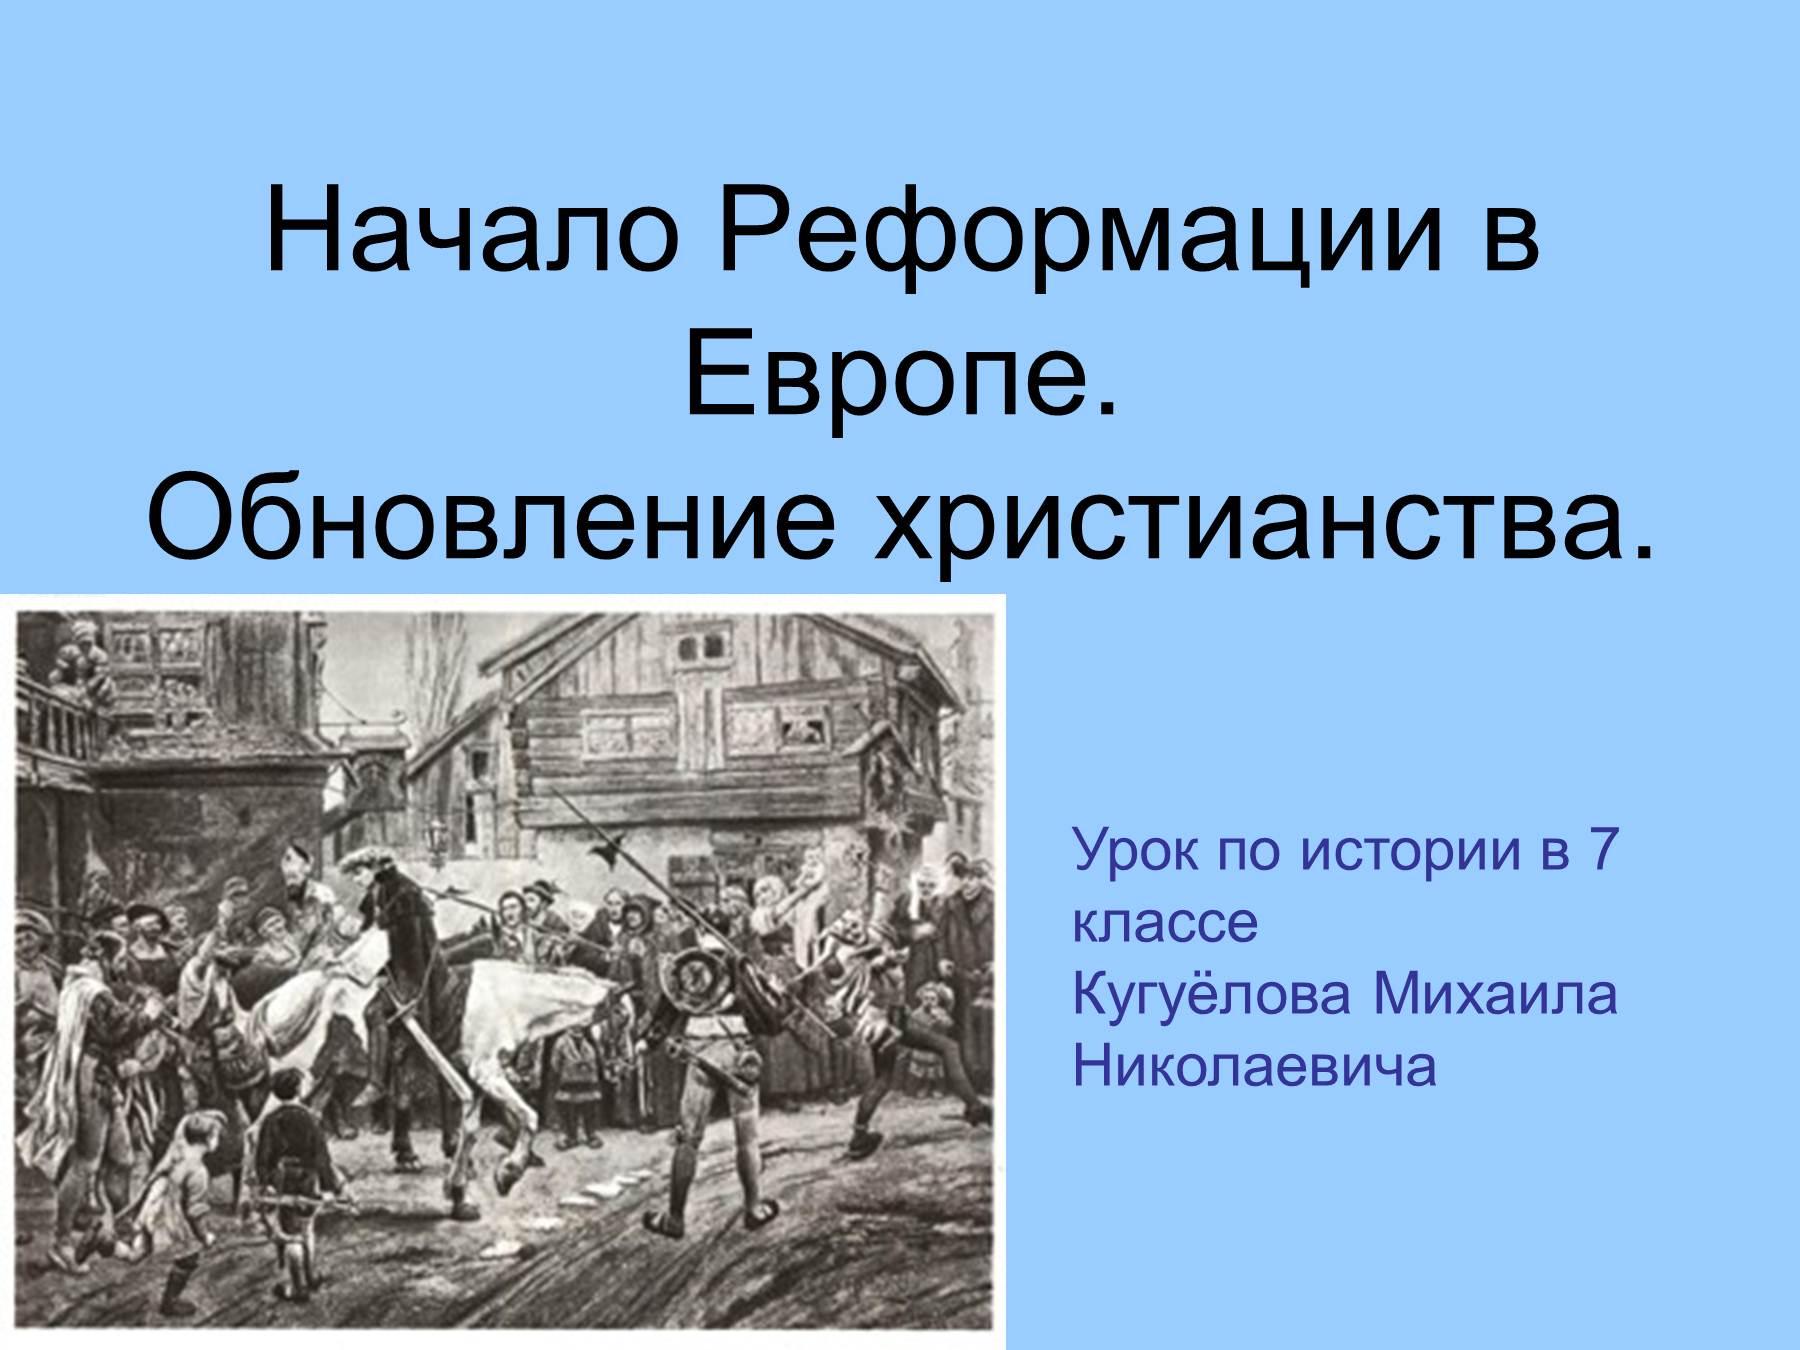 7 класс презентация история